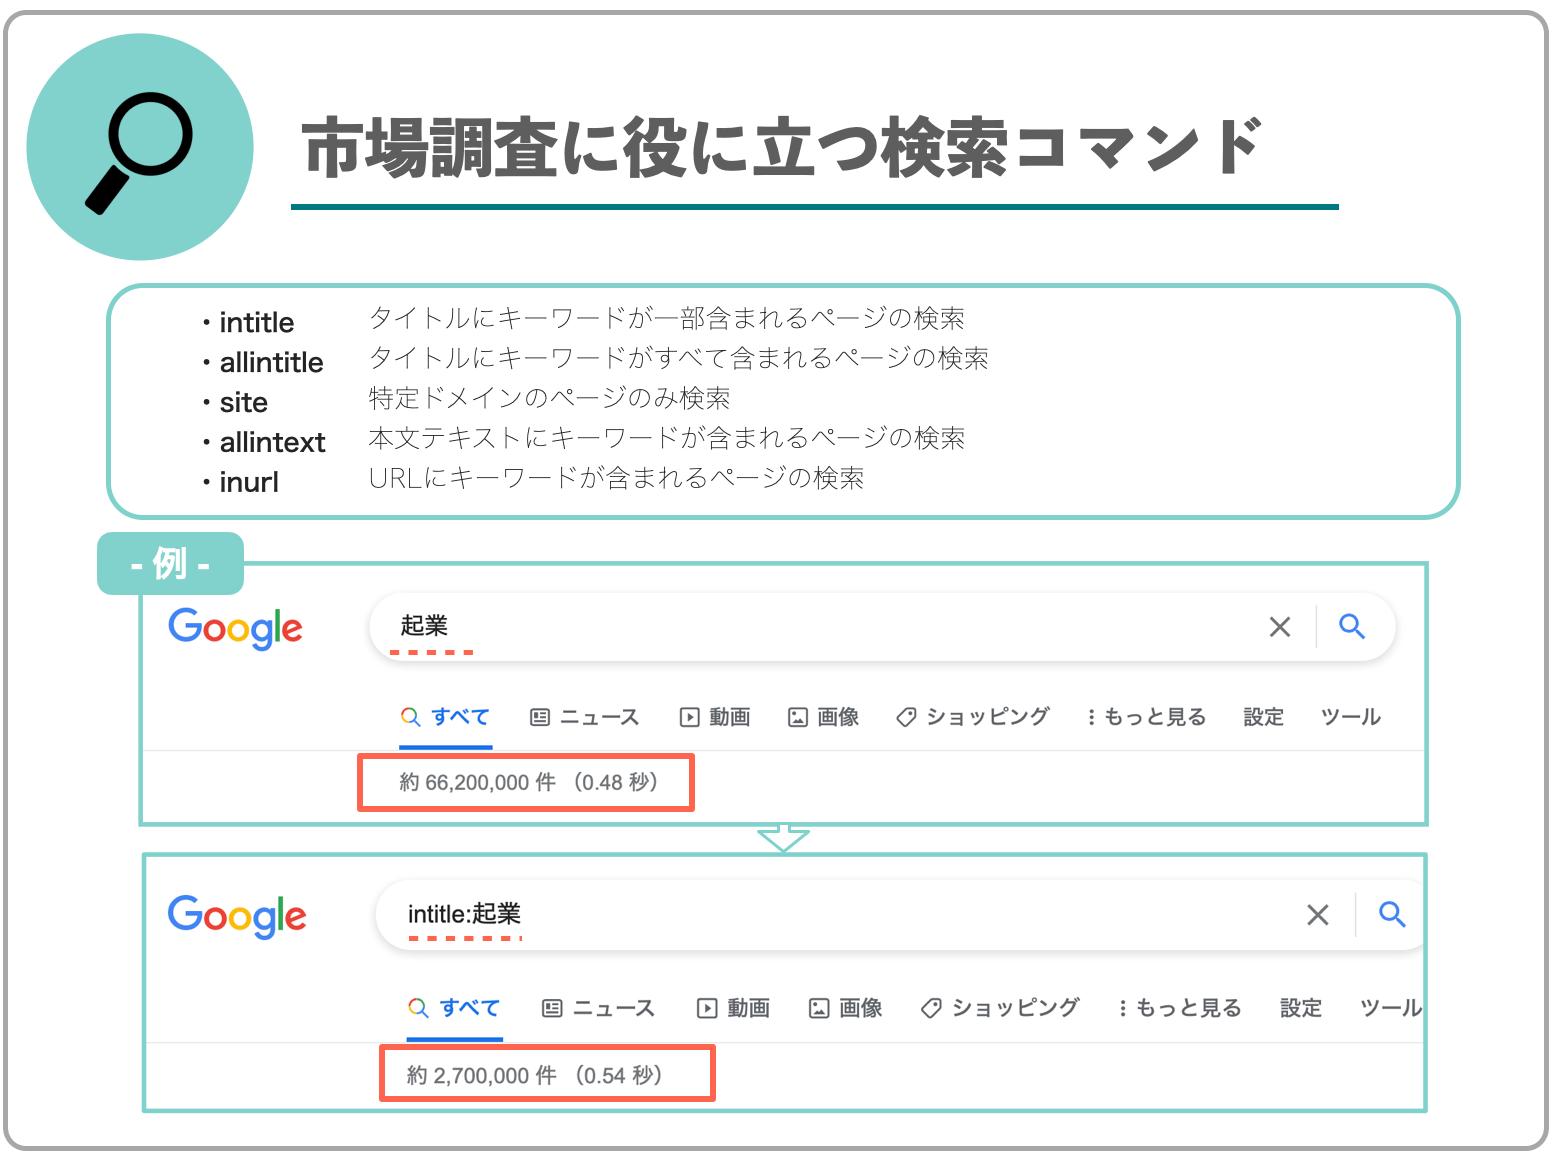 Google検索のヒット数